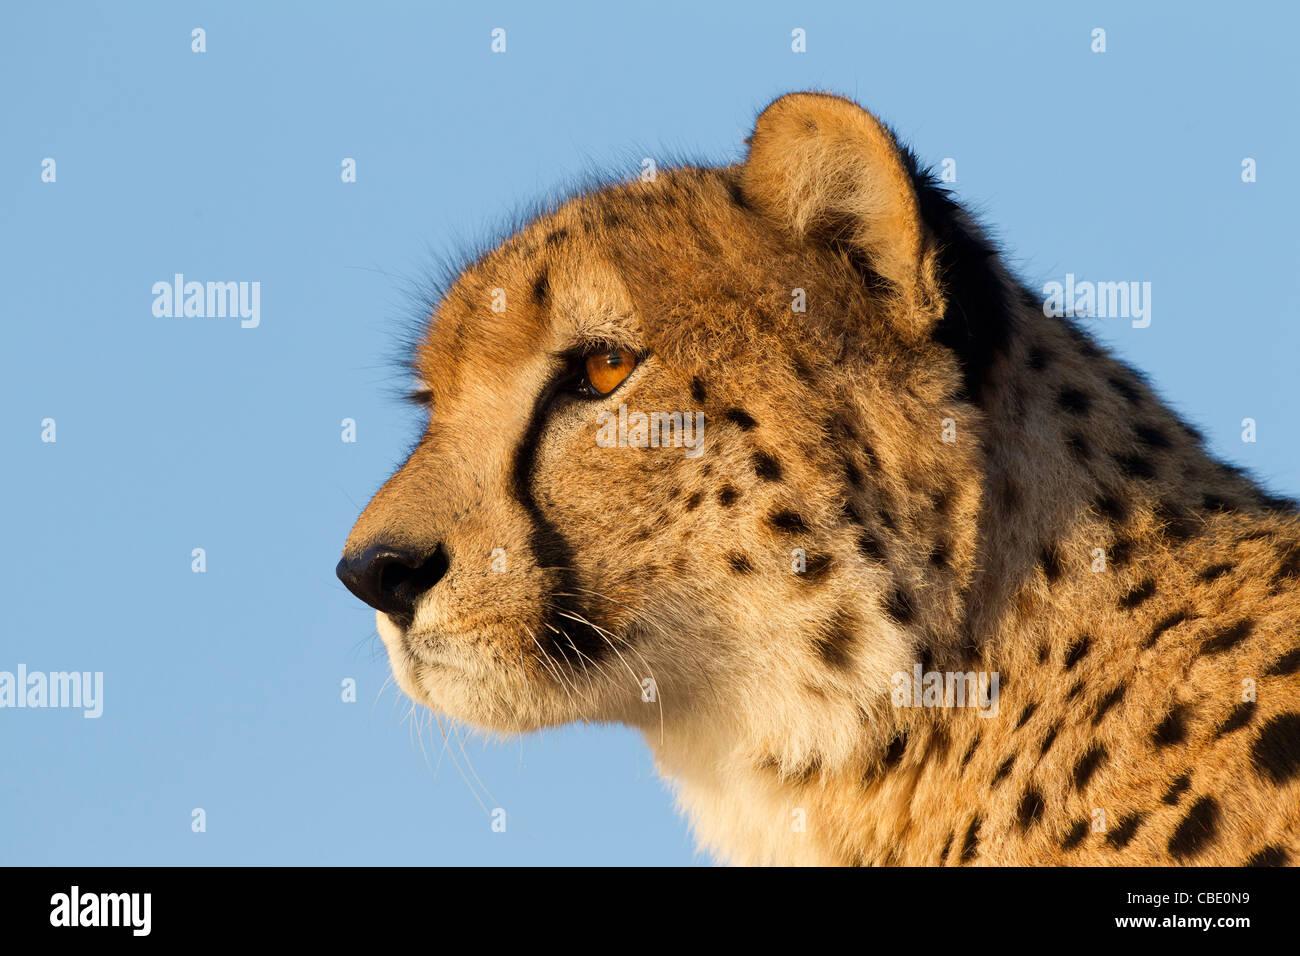 Le Guépard (Acinonyx jubatus) sur un angle inférieur avec belle lumière dans les yeux. Photo Stock